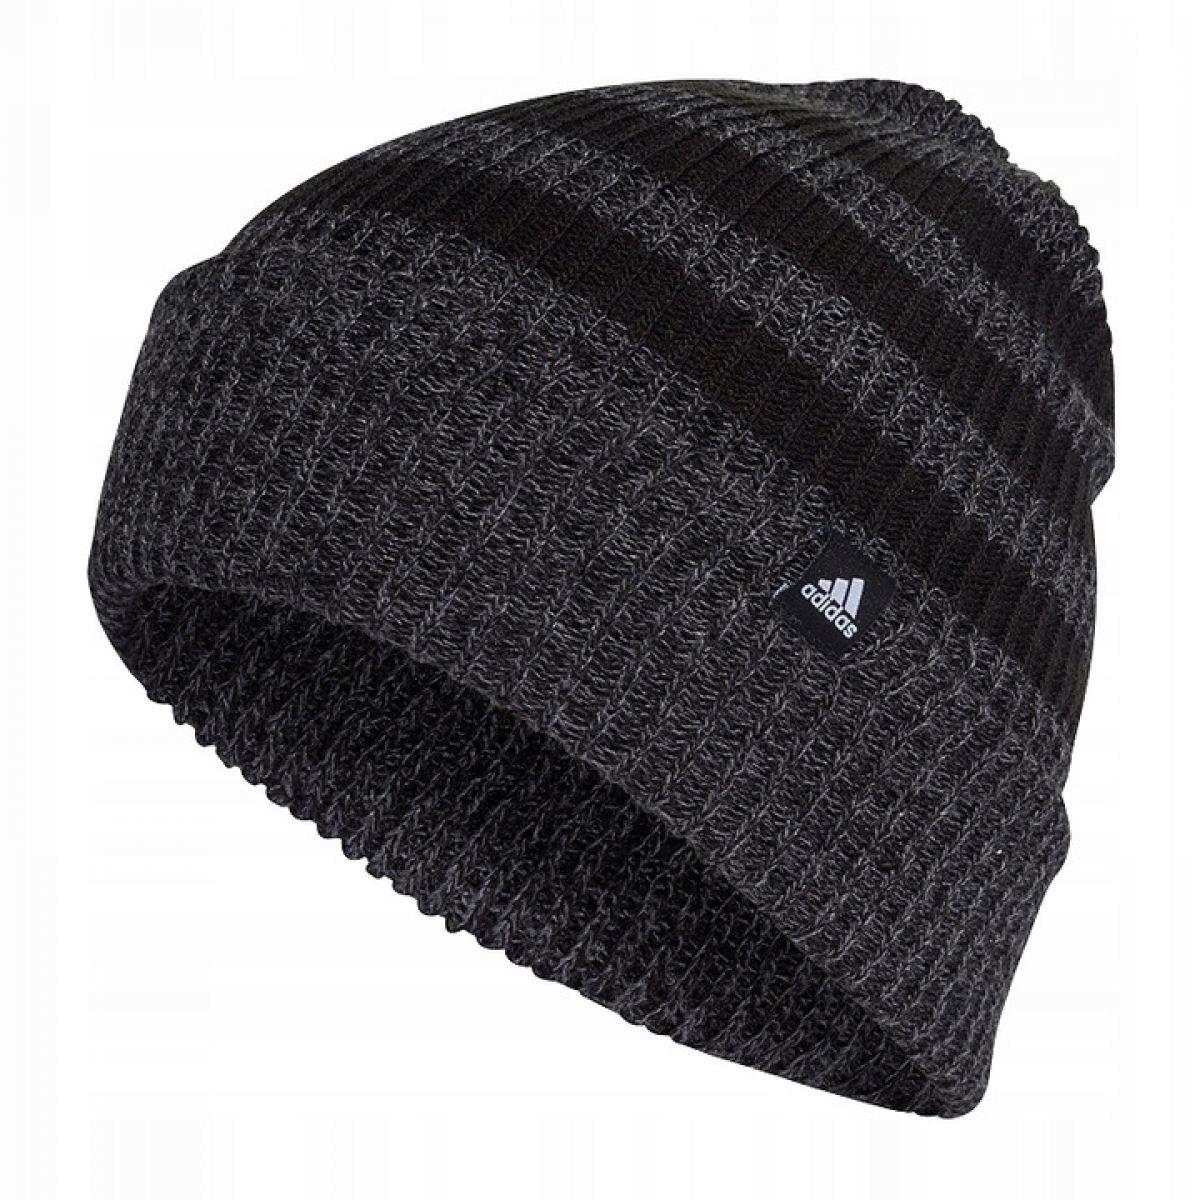 Czapka zimowa ADIDAS 3S Woolie BR9921 OSM